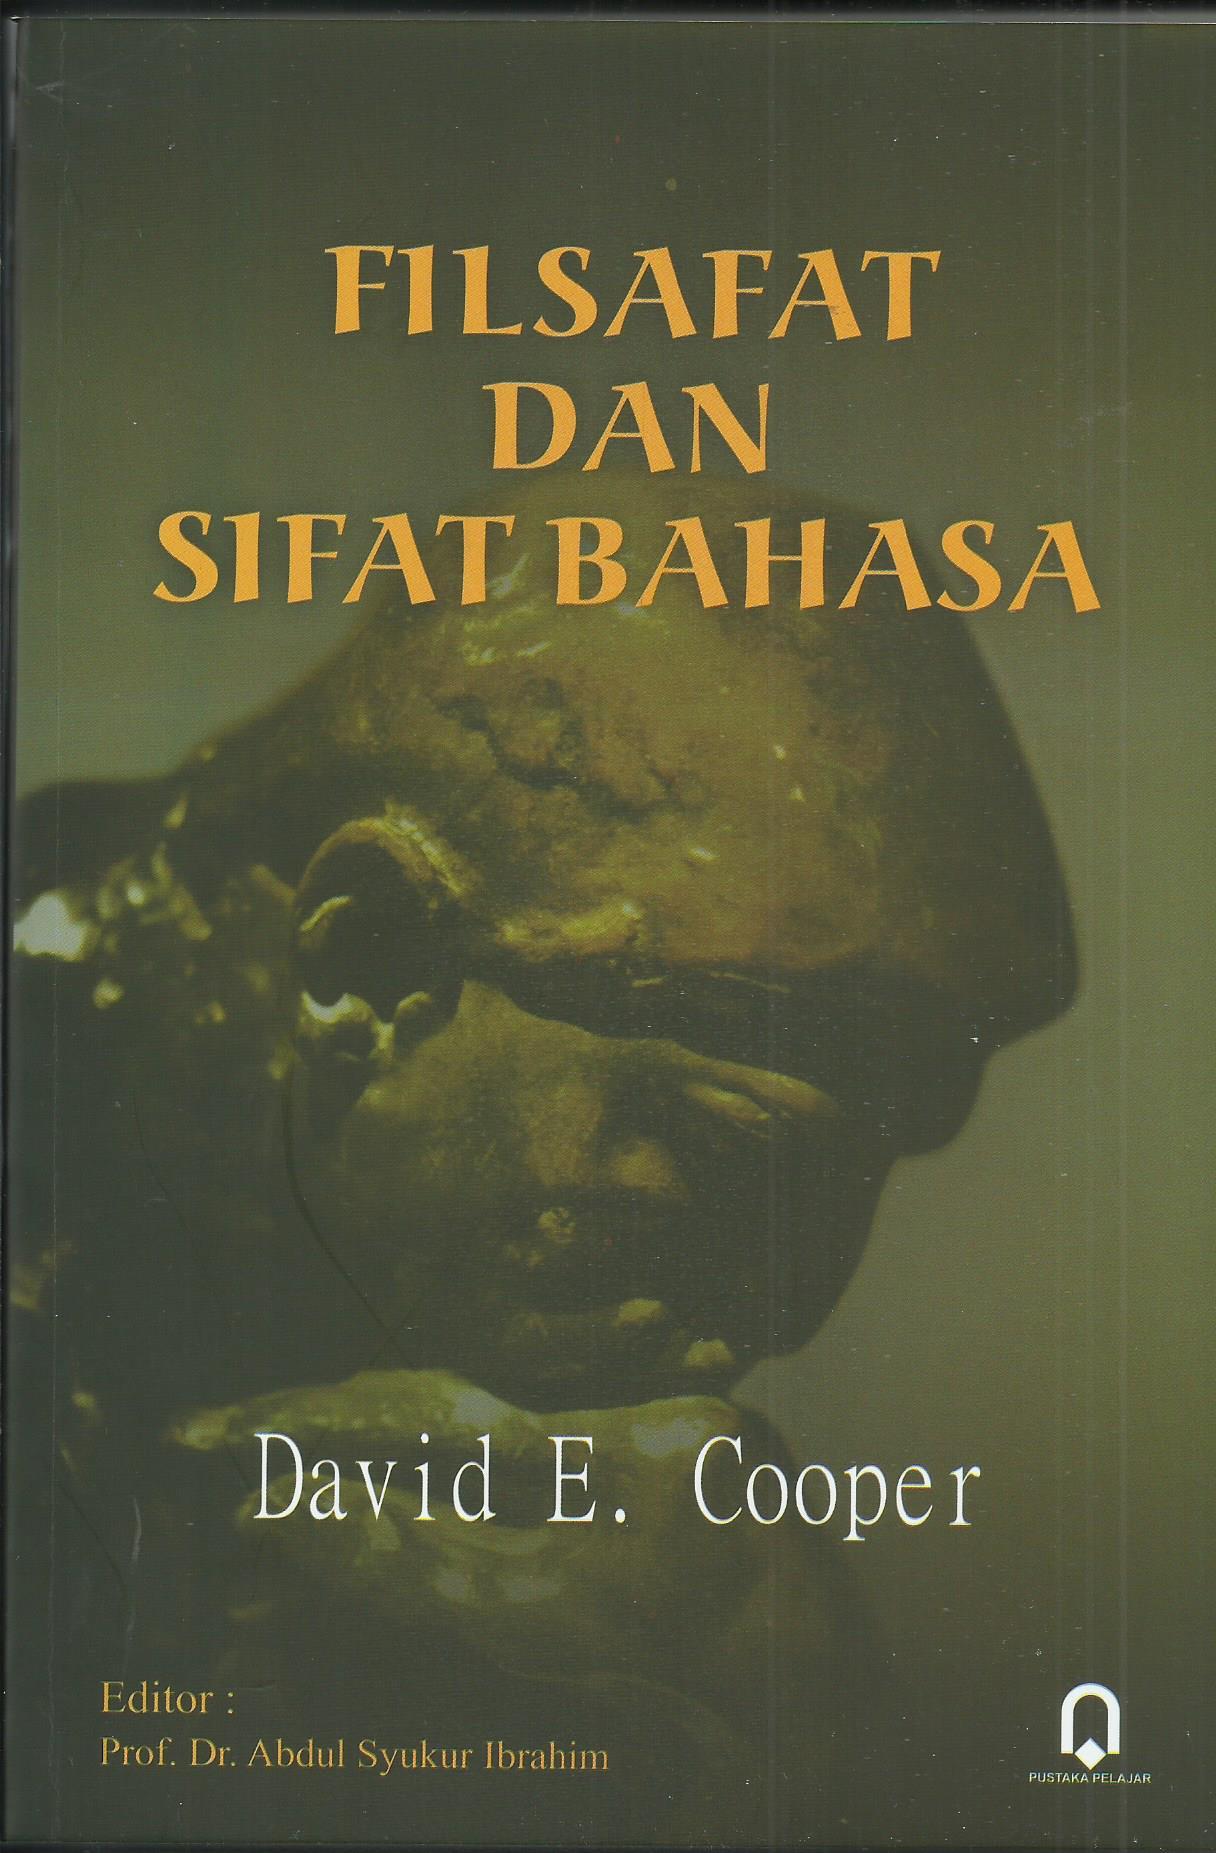 Filsafat Dan Sifat Bahasa